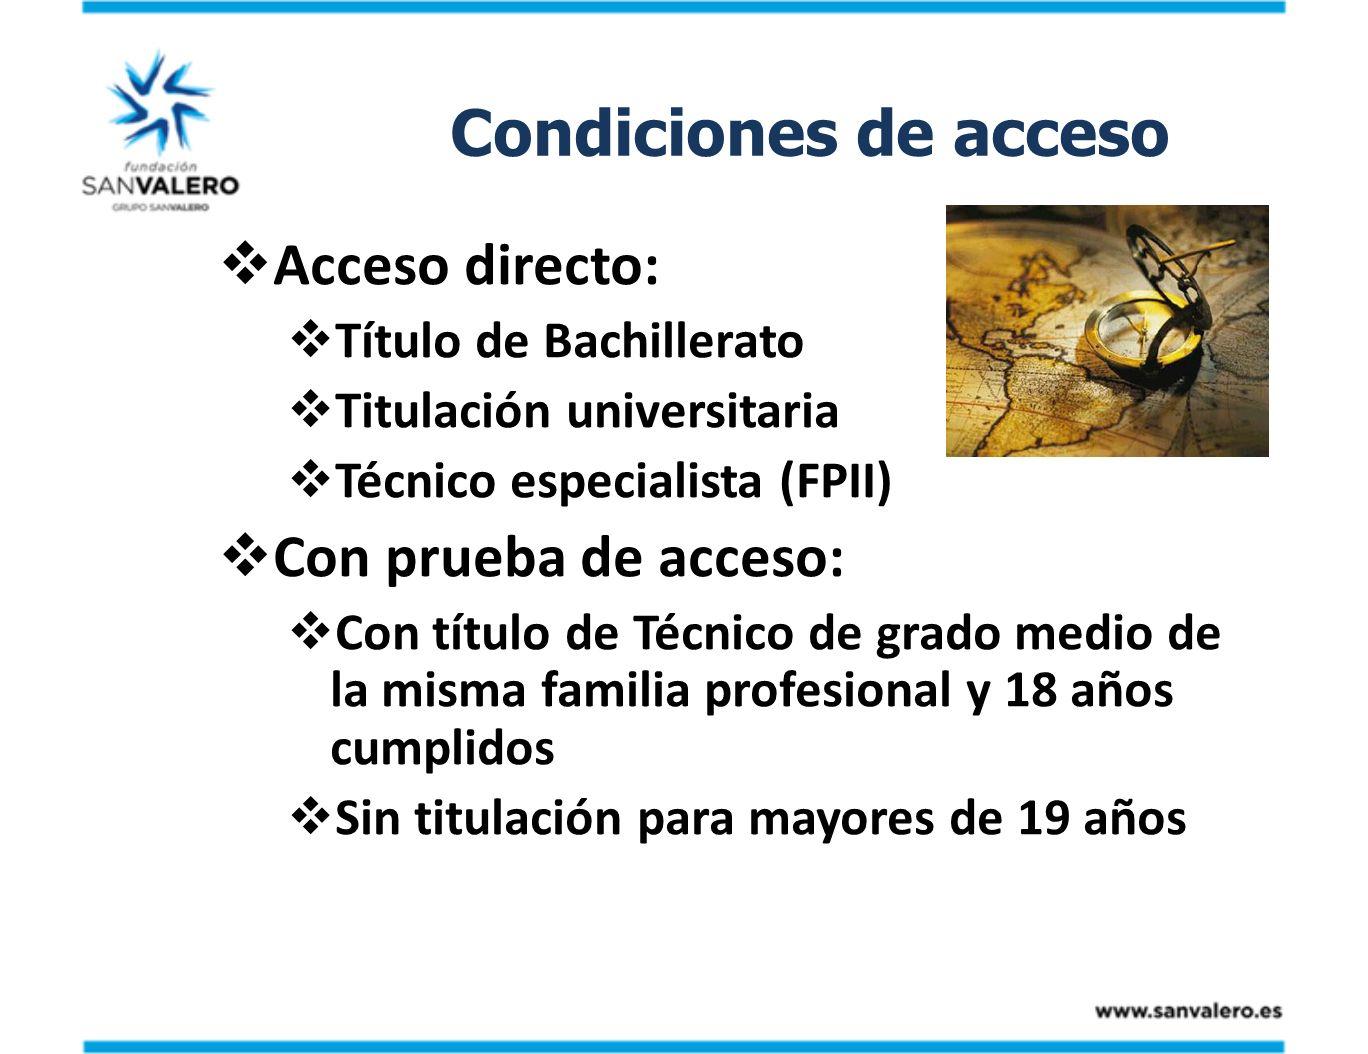 Condiciones de acceso Acceso directo: Título de Bachillerato Titulación universitaria Técnico especialista (FPII) Con prueba de acceso: Con título de